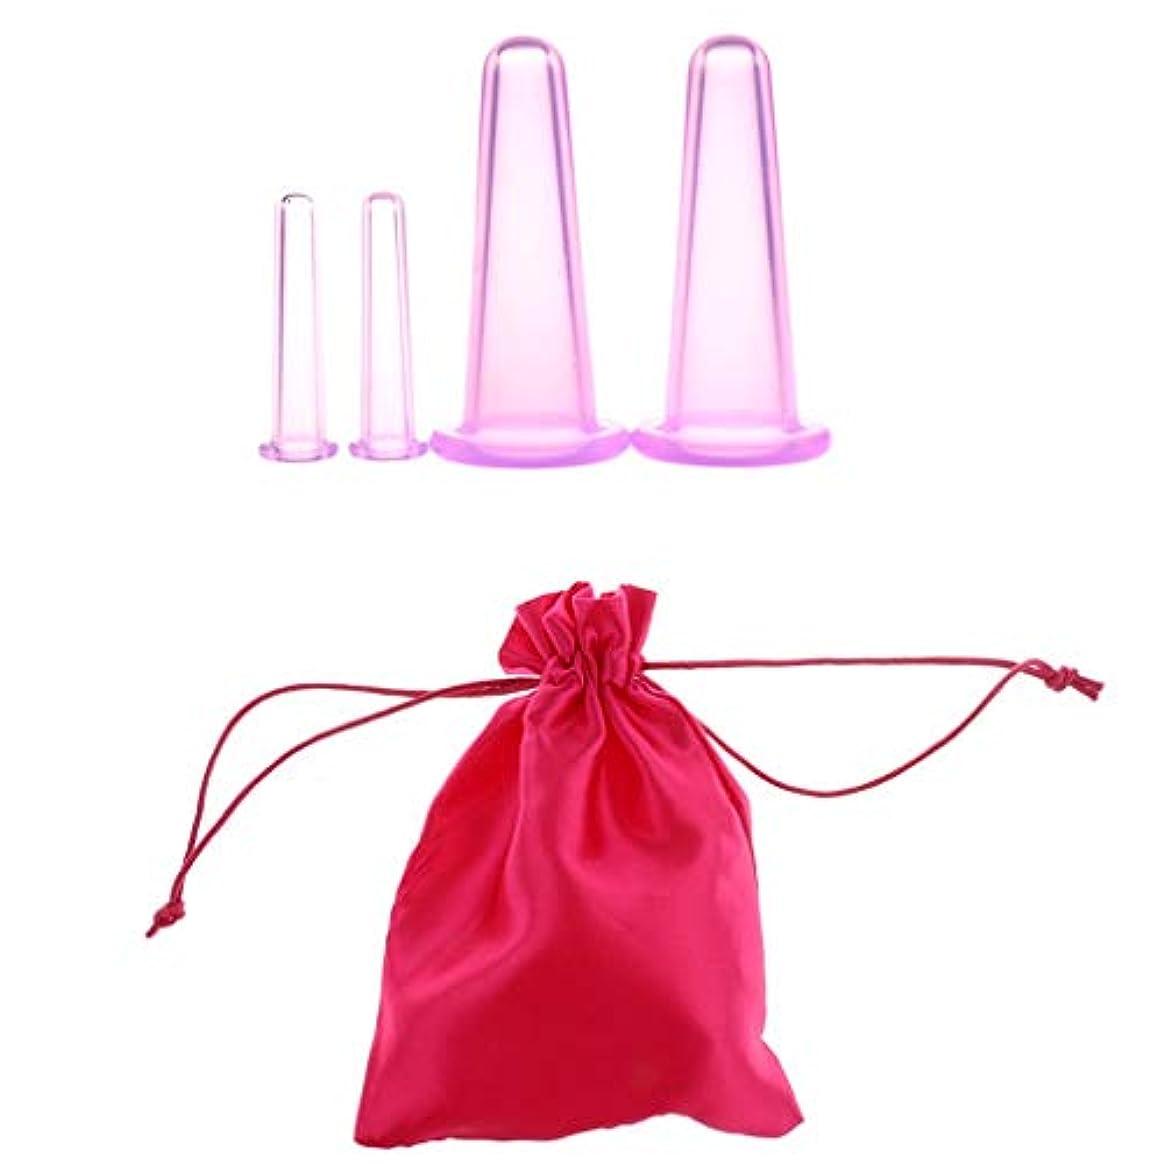 後方娘メタルライン4 Pieces Silicone Body Facial Cupping Set Anti Cellulite Massage Vacuum Cups suit for Lifting Massage Face Eye...